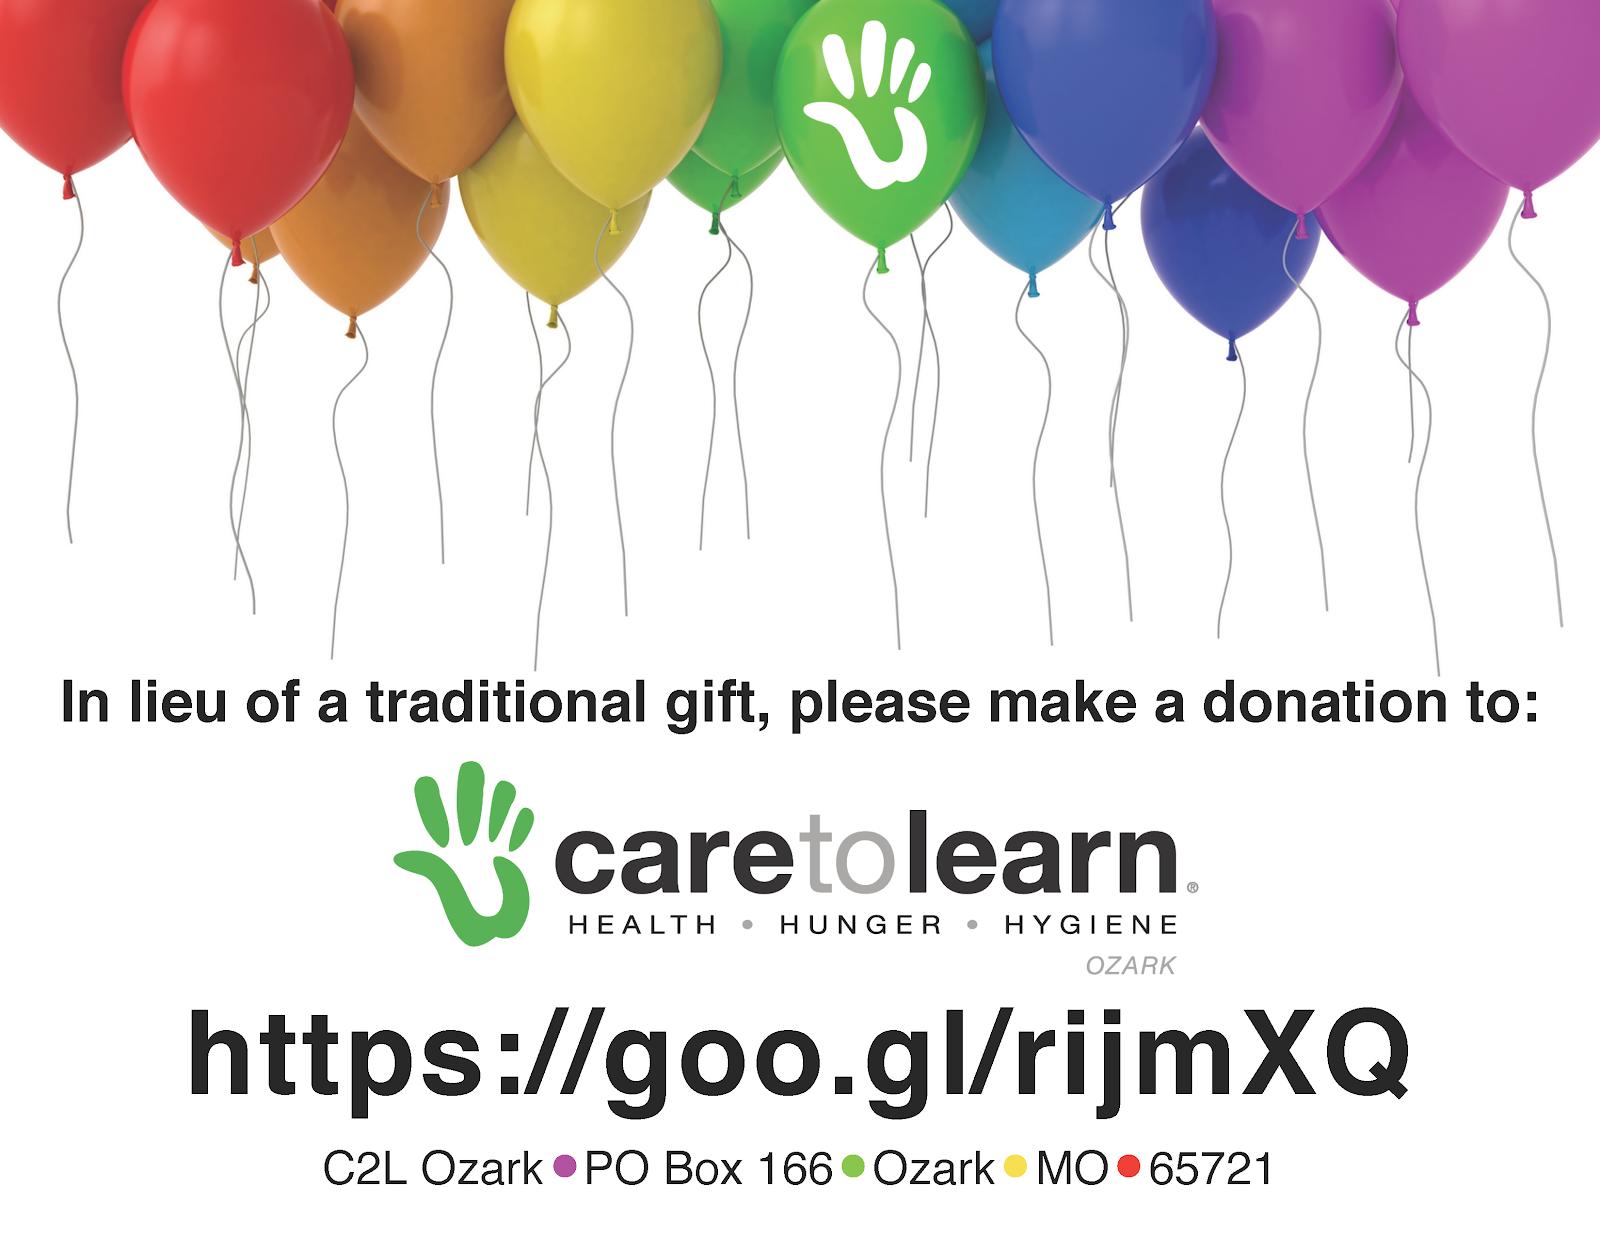 Download Facebook Fundraiser Images!